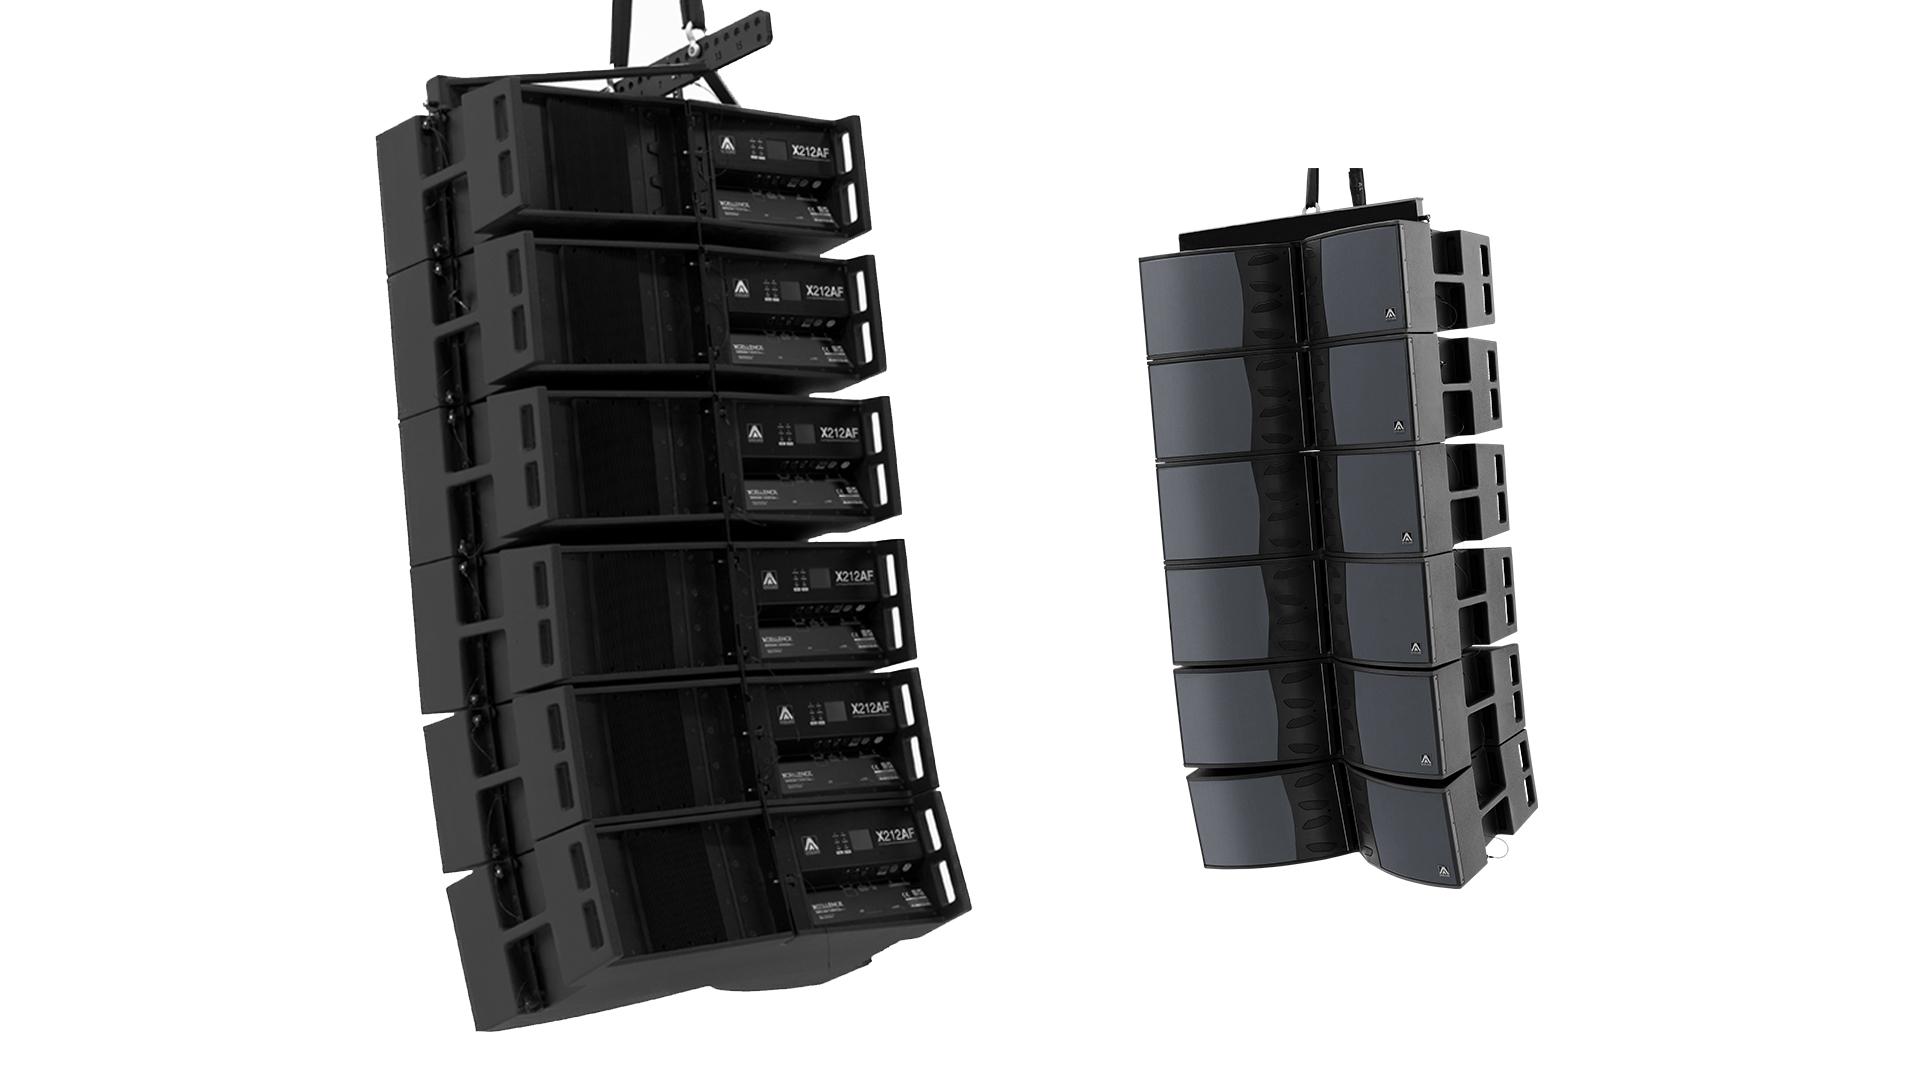 Diseño arrays sonido